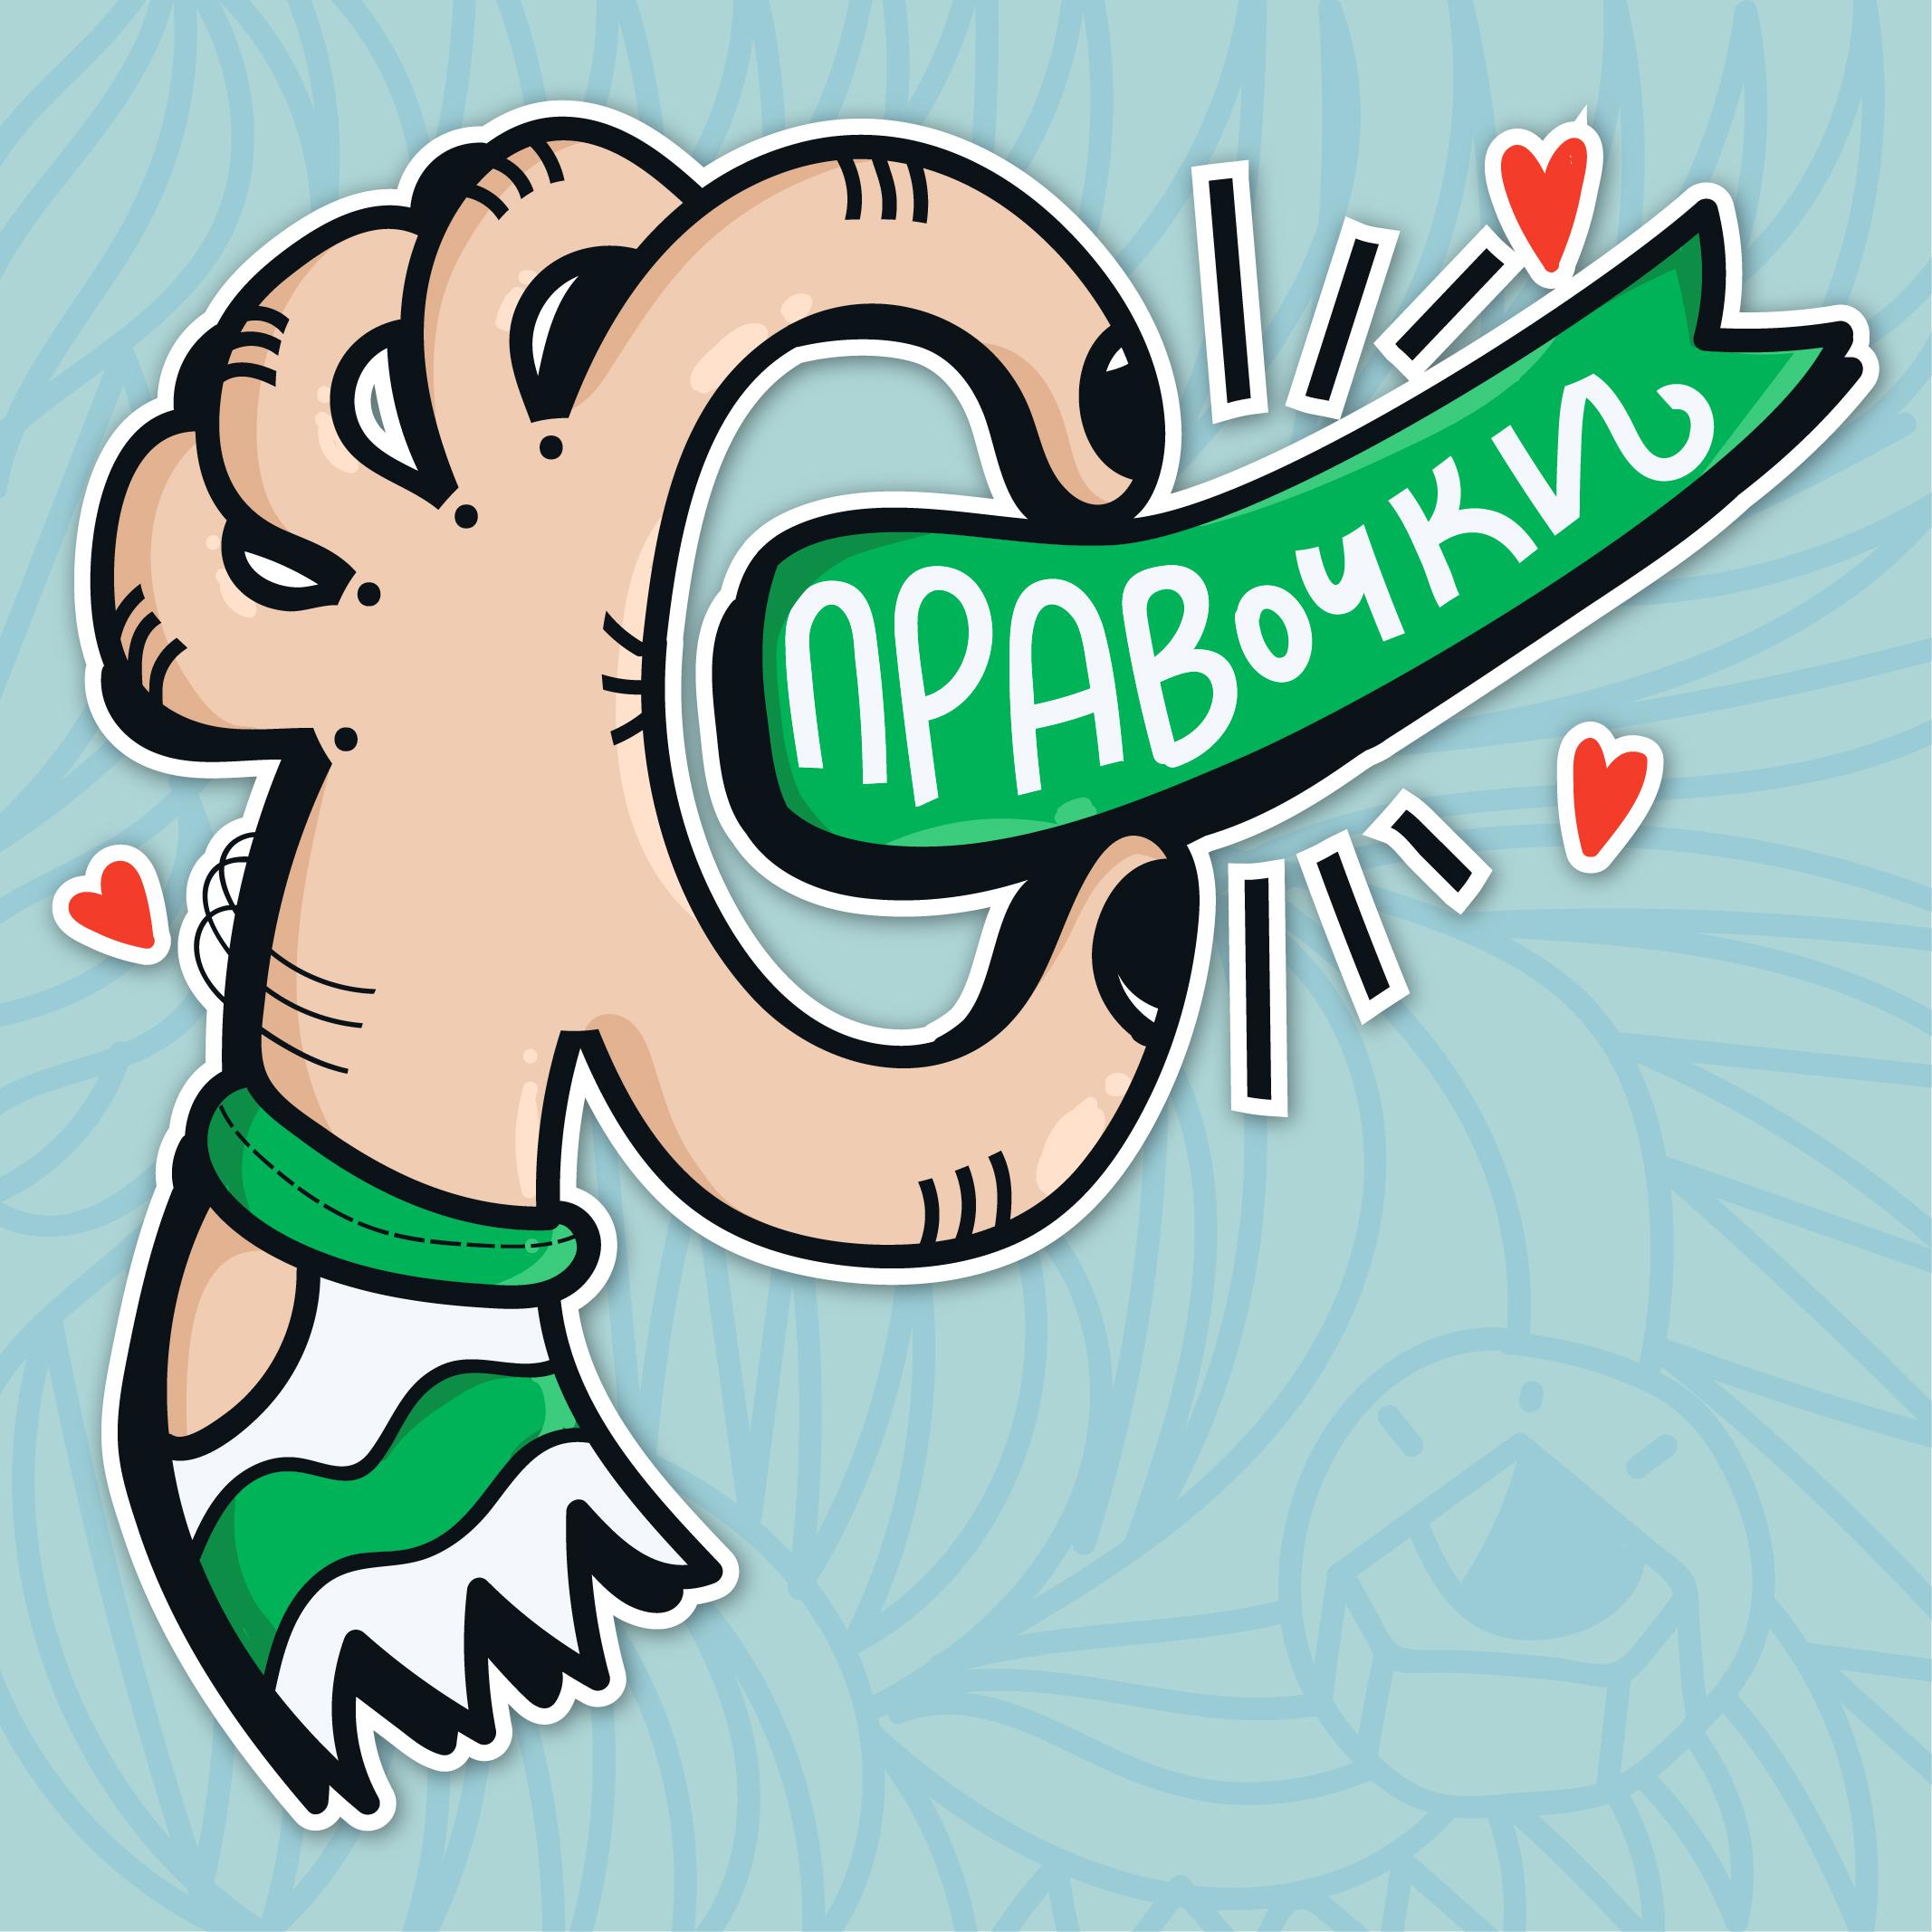 Стикерпаки на день фриланса для FL.ru фото f_0935cc16e9b69e88.jpg